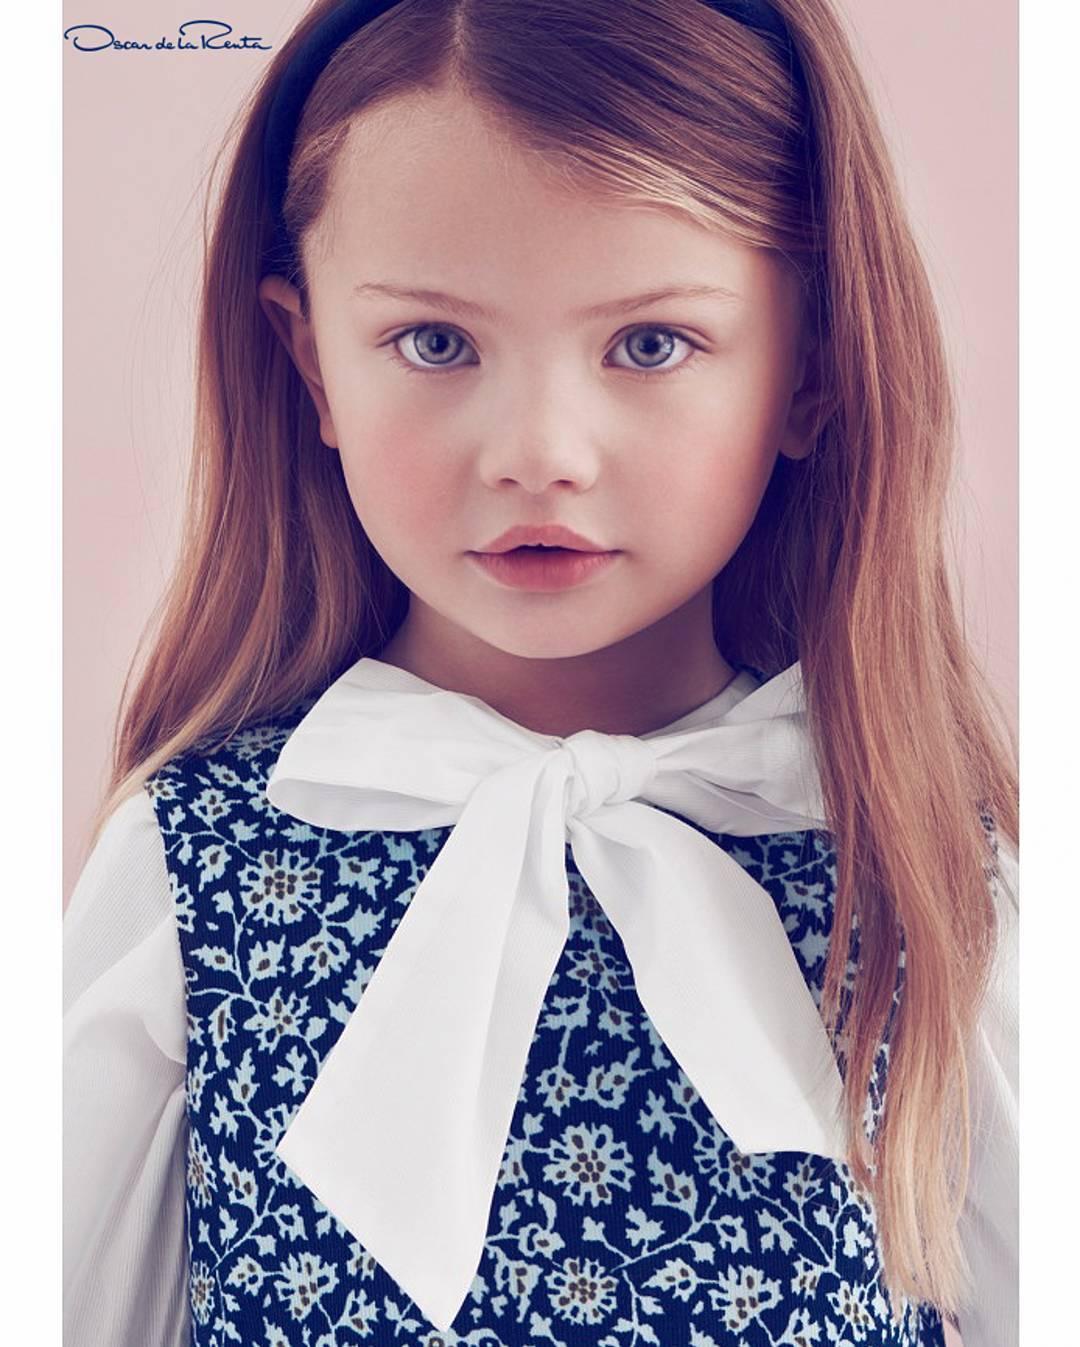 13 nhóc tì nổi tiếng khắp thế giới nhờ vẻ đẹp thiên thần không thể cưỡng lại - ảnh 25